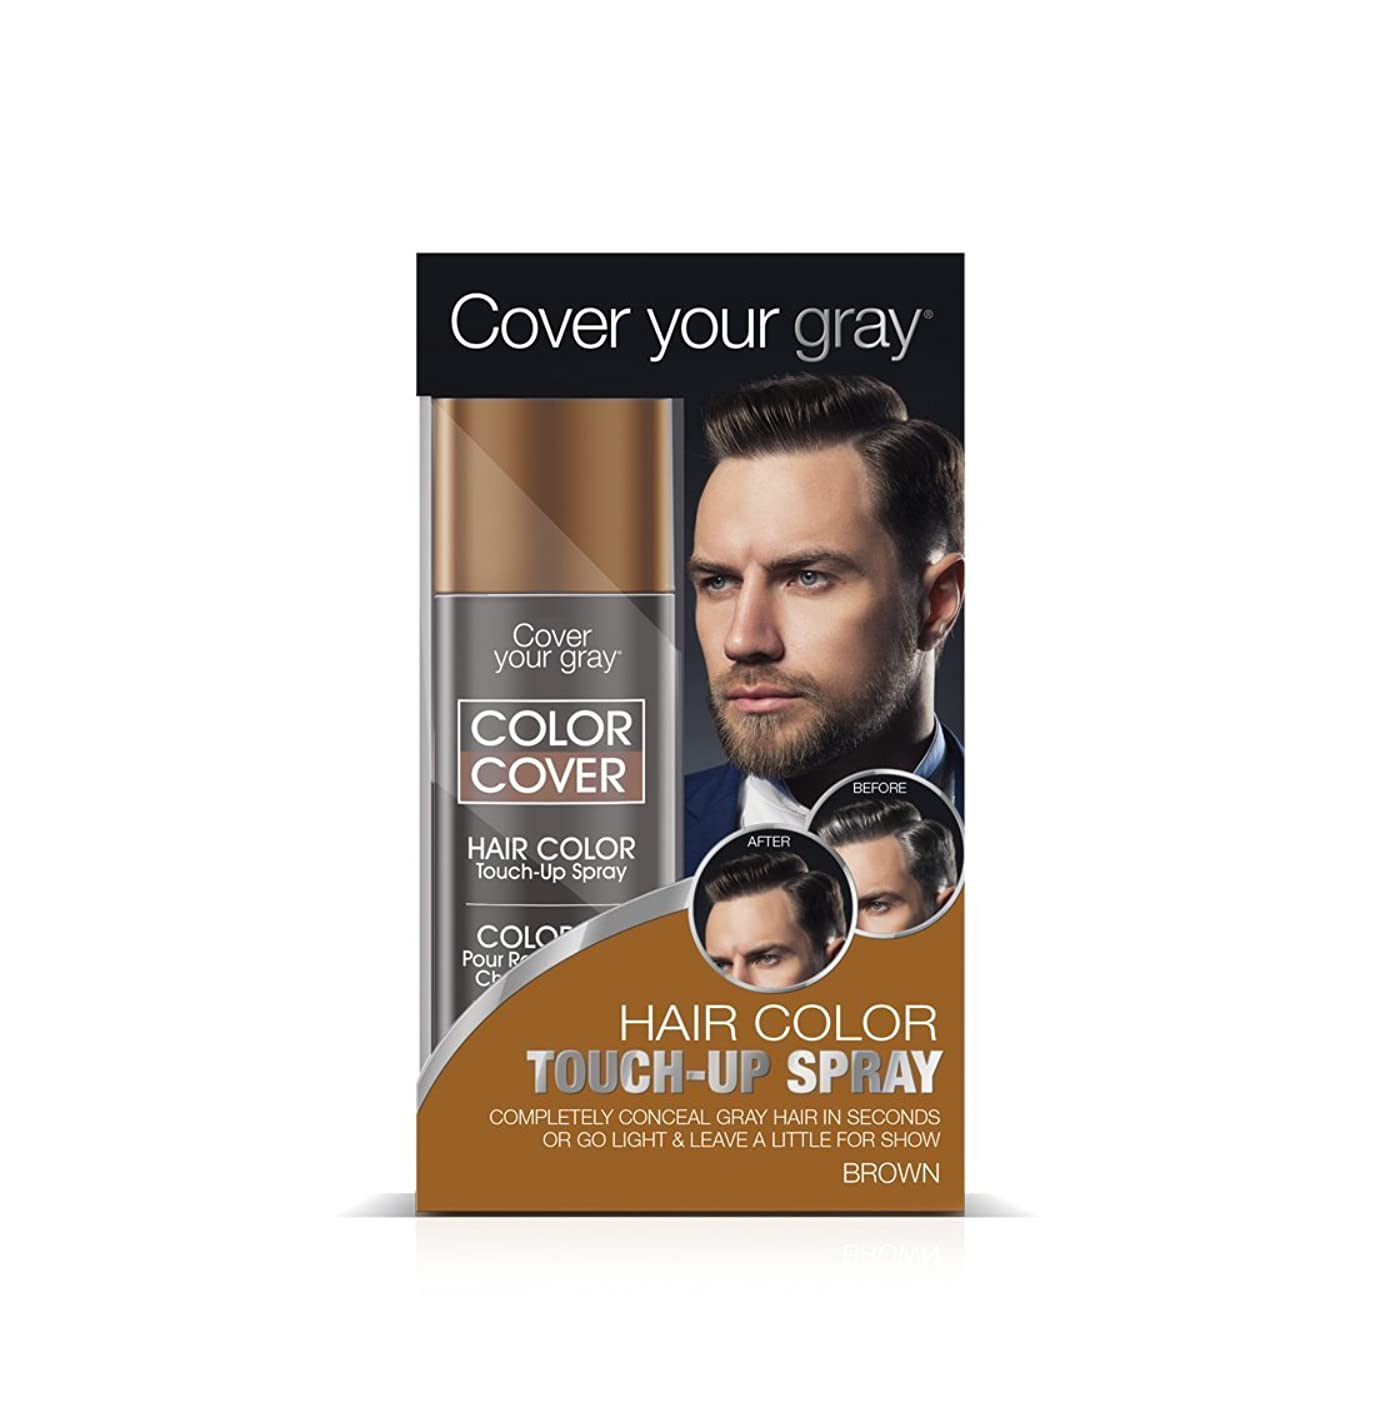 アジャ台無しに敷居Cover Your Gray メンズカラーカバータッチアップスプレー - ブラウン